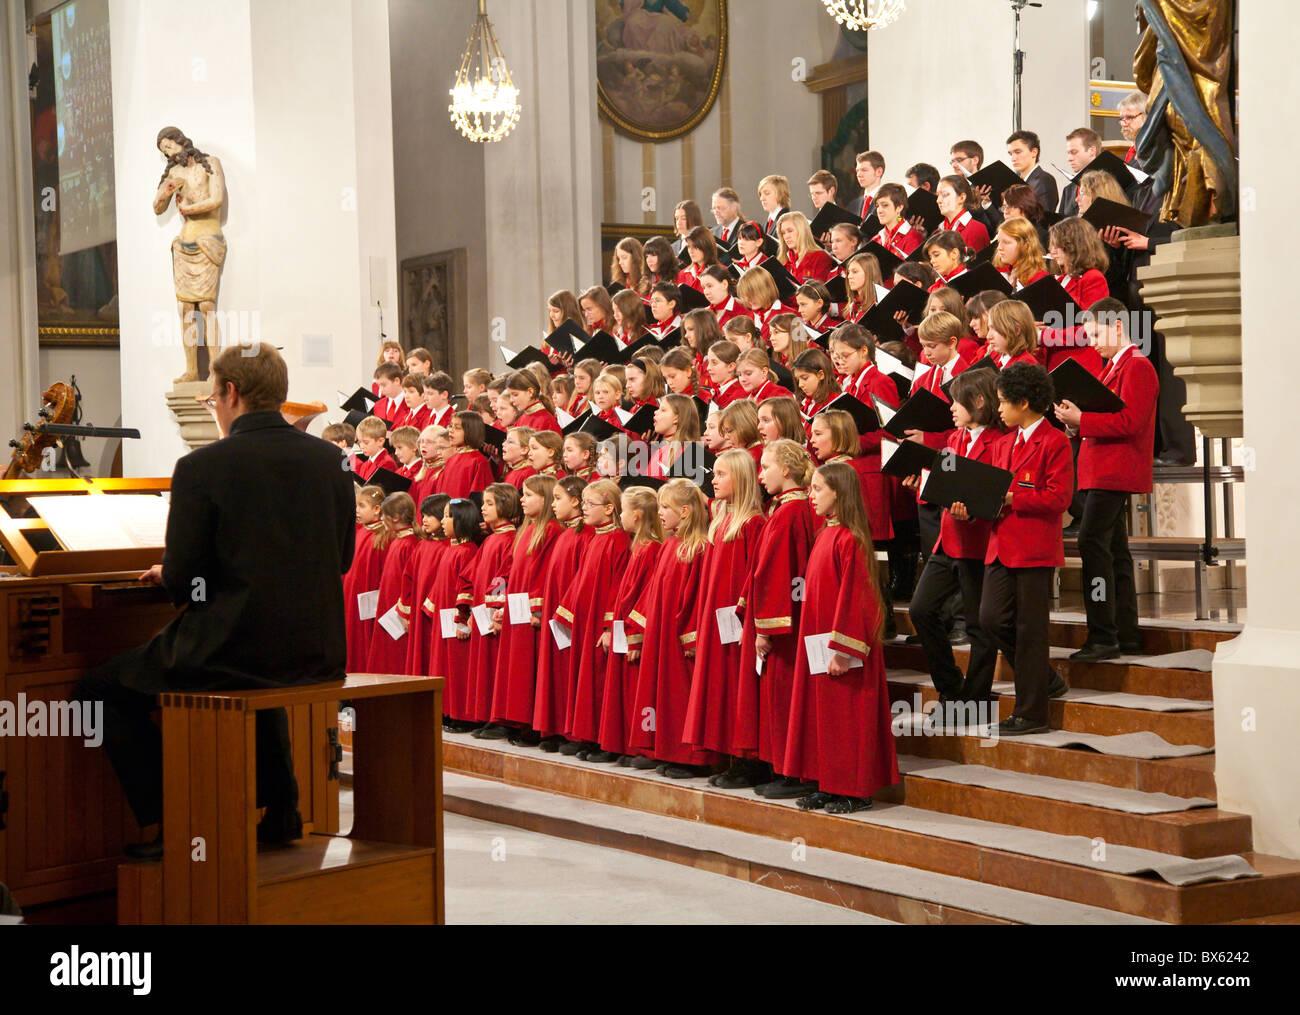 union church childrens choir - HD1300×1015